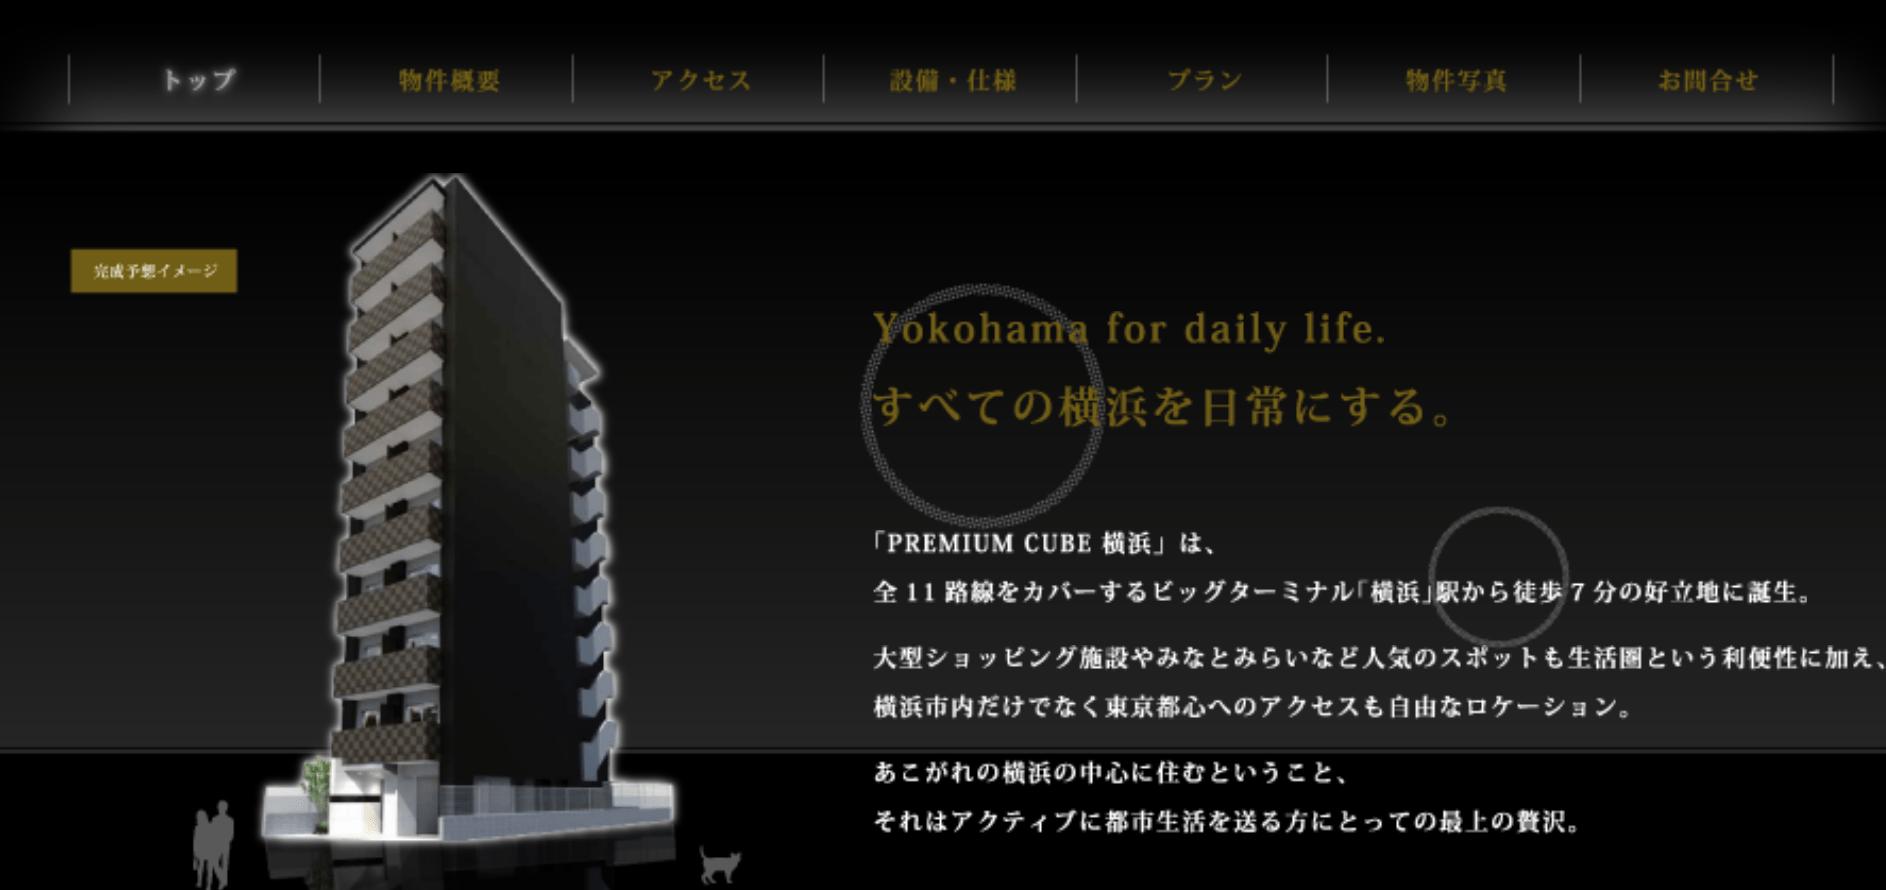 プレミアムキューブ横浜の公式hp